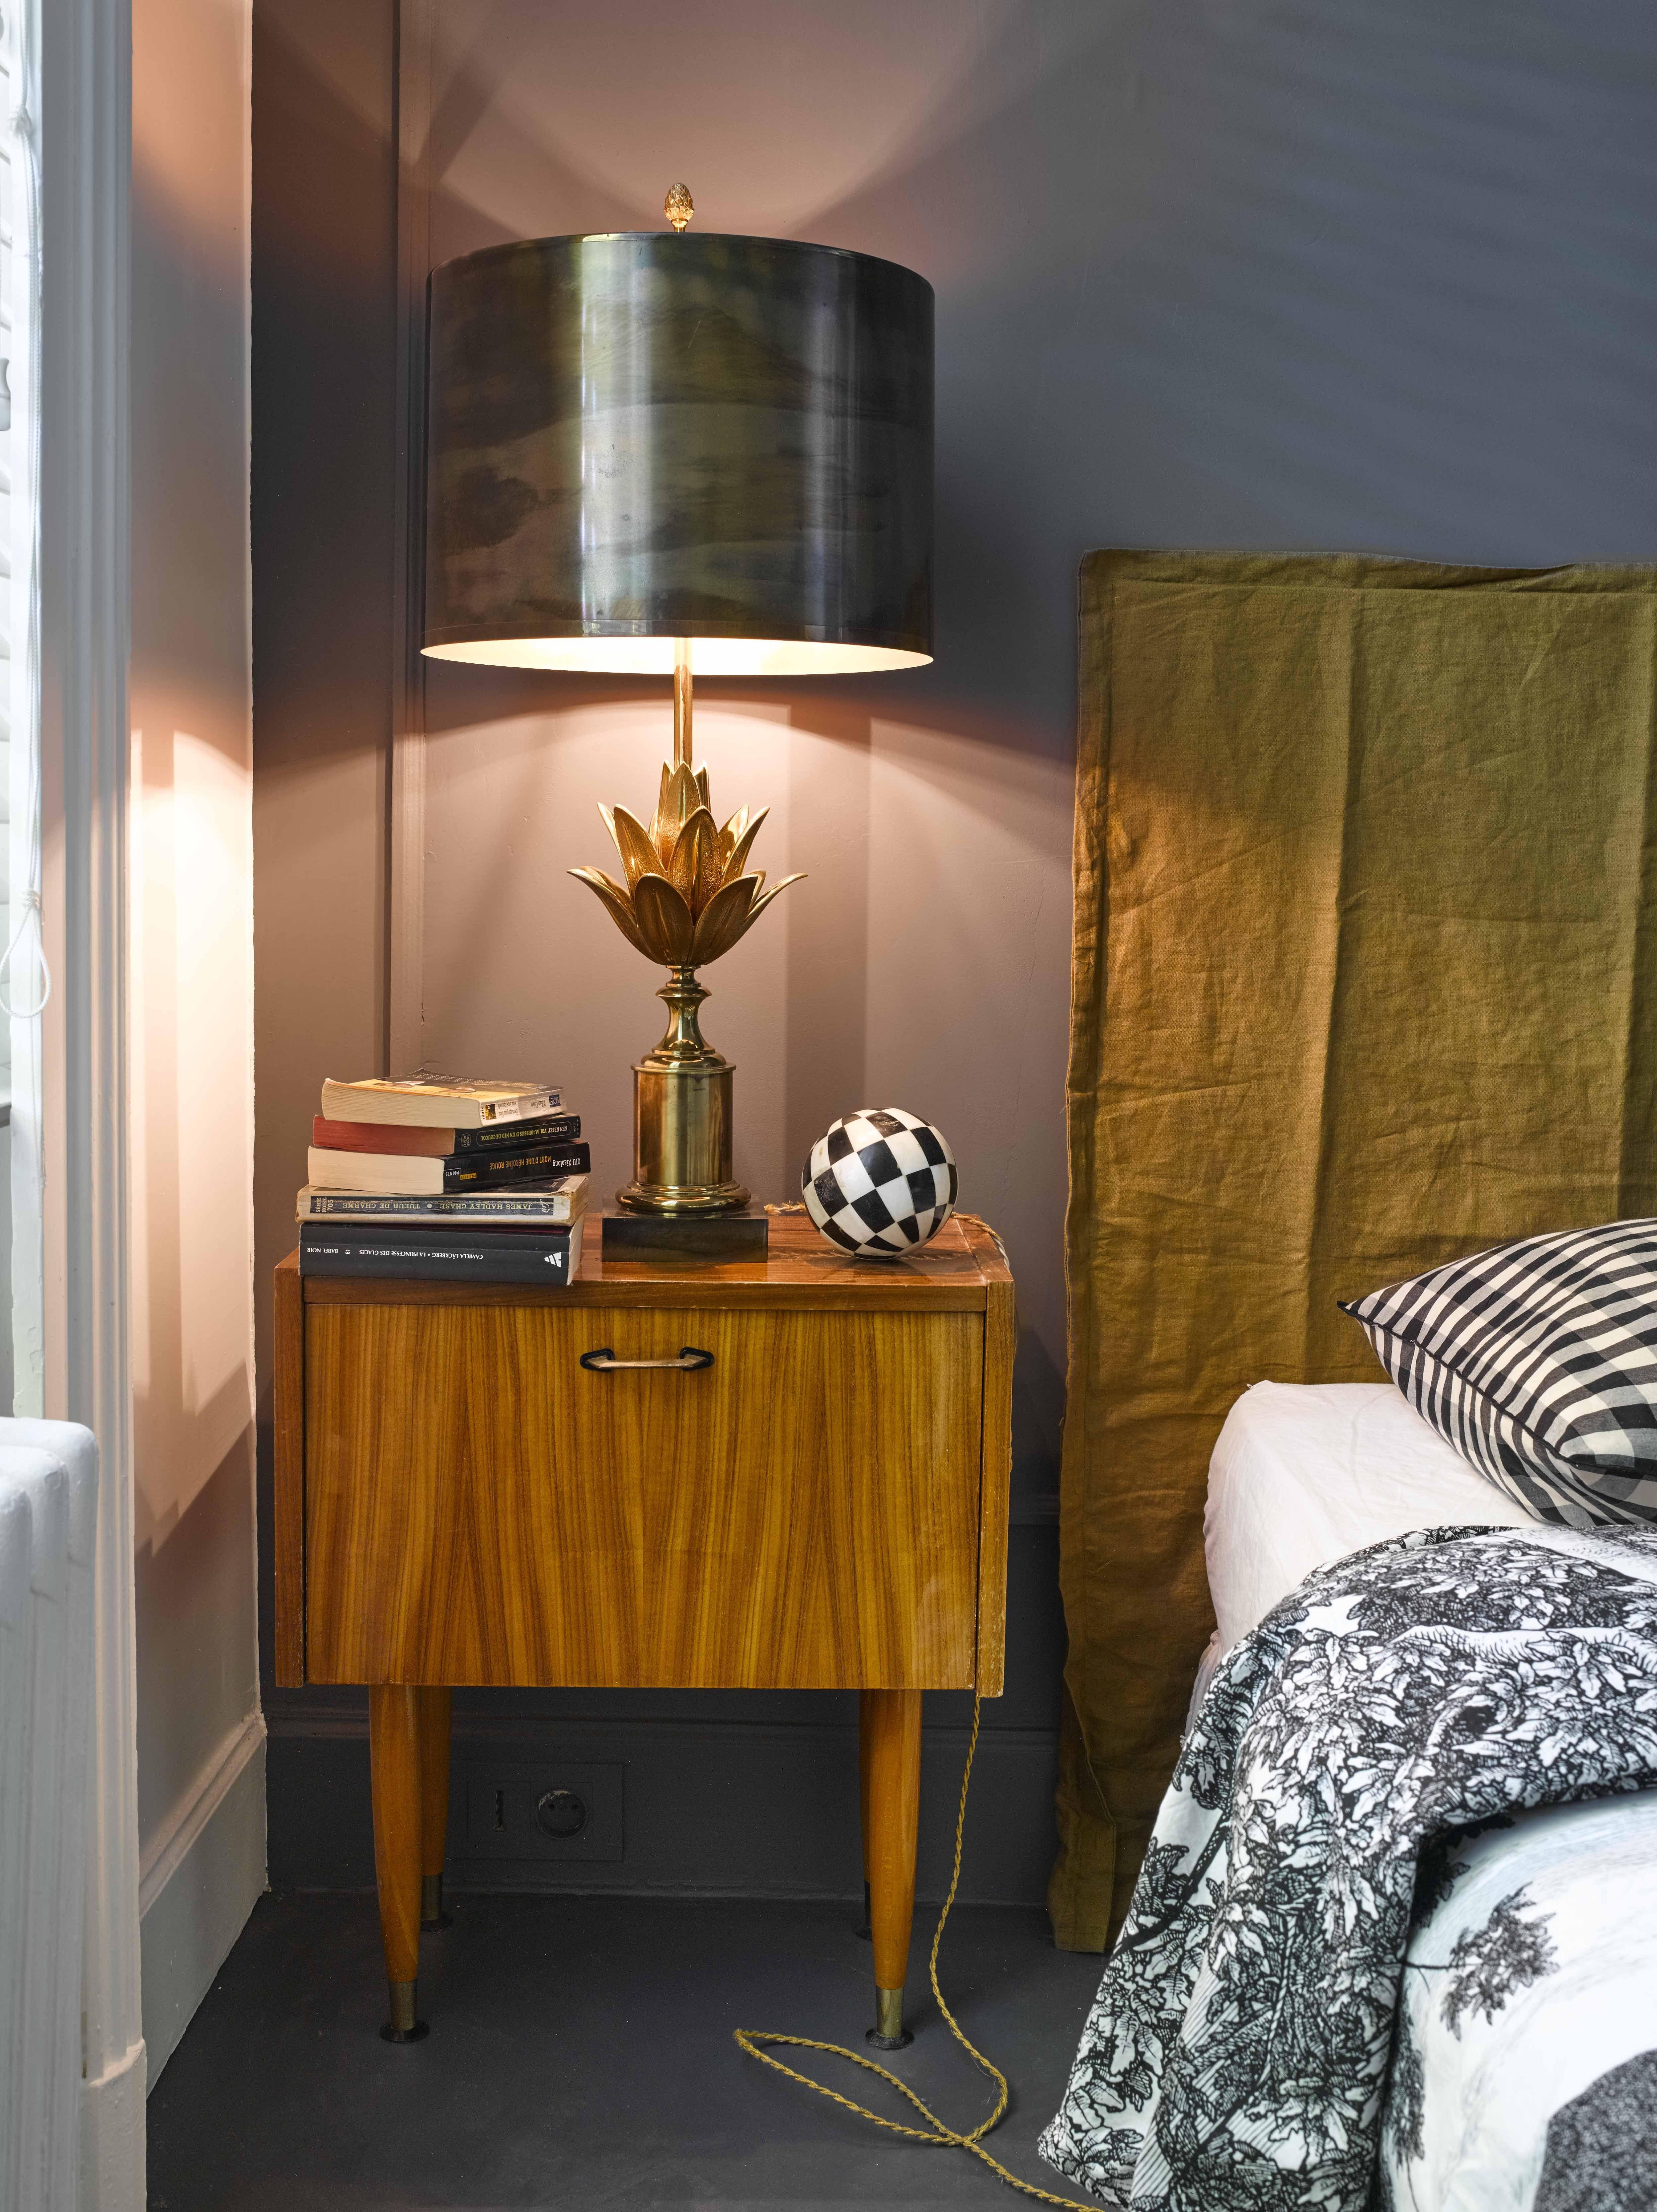 petit chevet 50 39 s en acajou blond lampe ananas en bronze patin et t te de lit en lin froiss. Black Bedroom Furniture Sets. Home Design Ideas